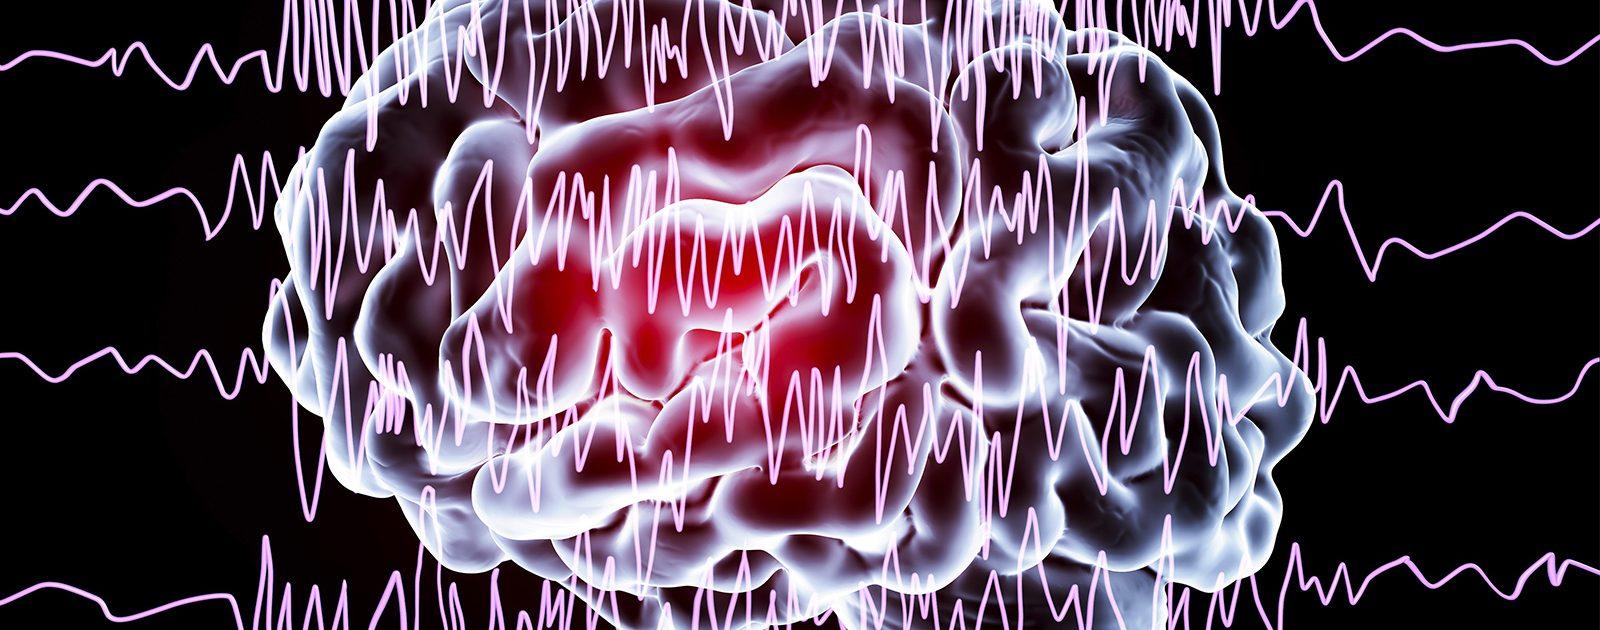 Illustration eines Gehirns und farblich hervorgehobener Gehirnaktivität.